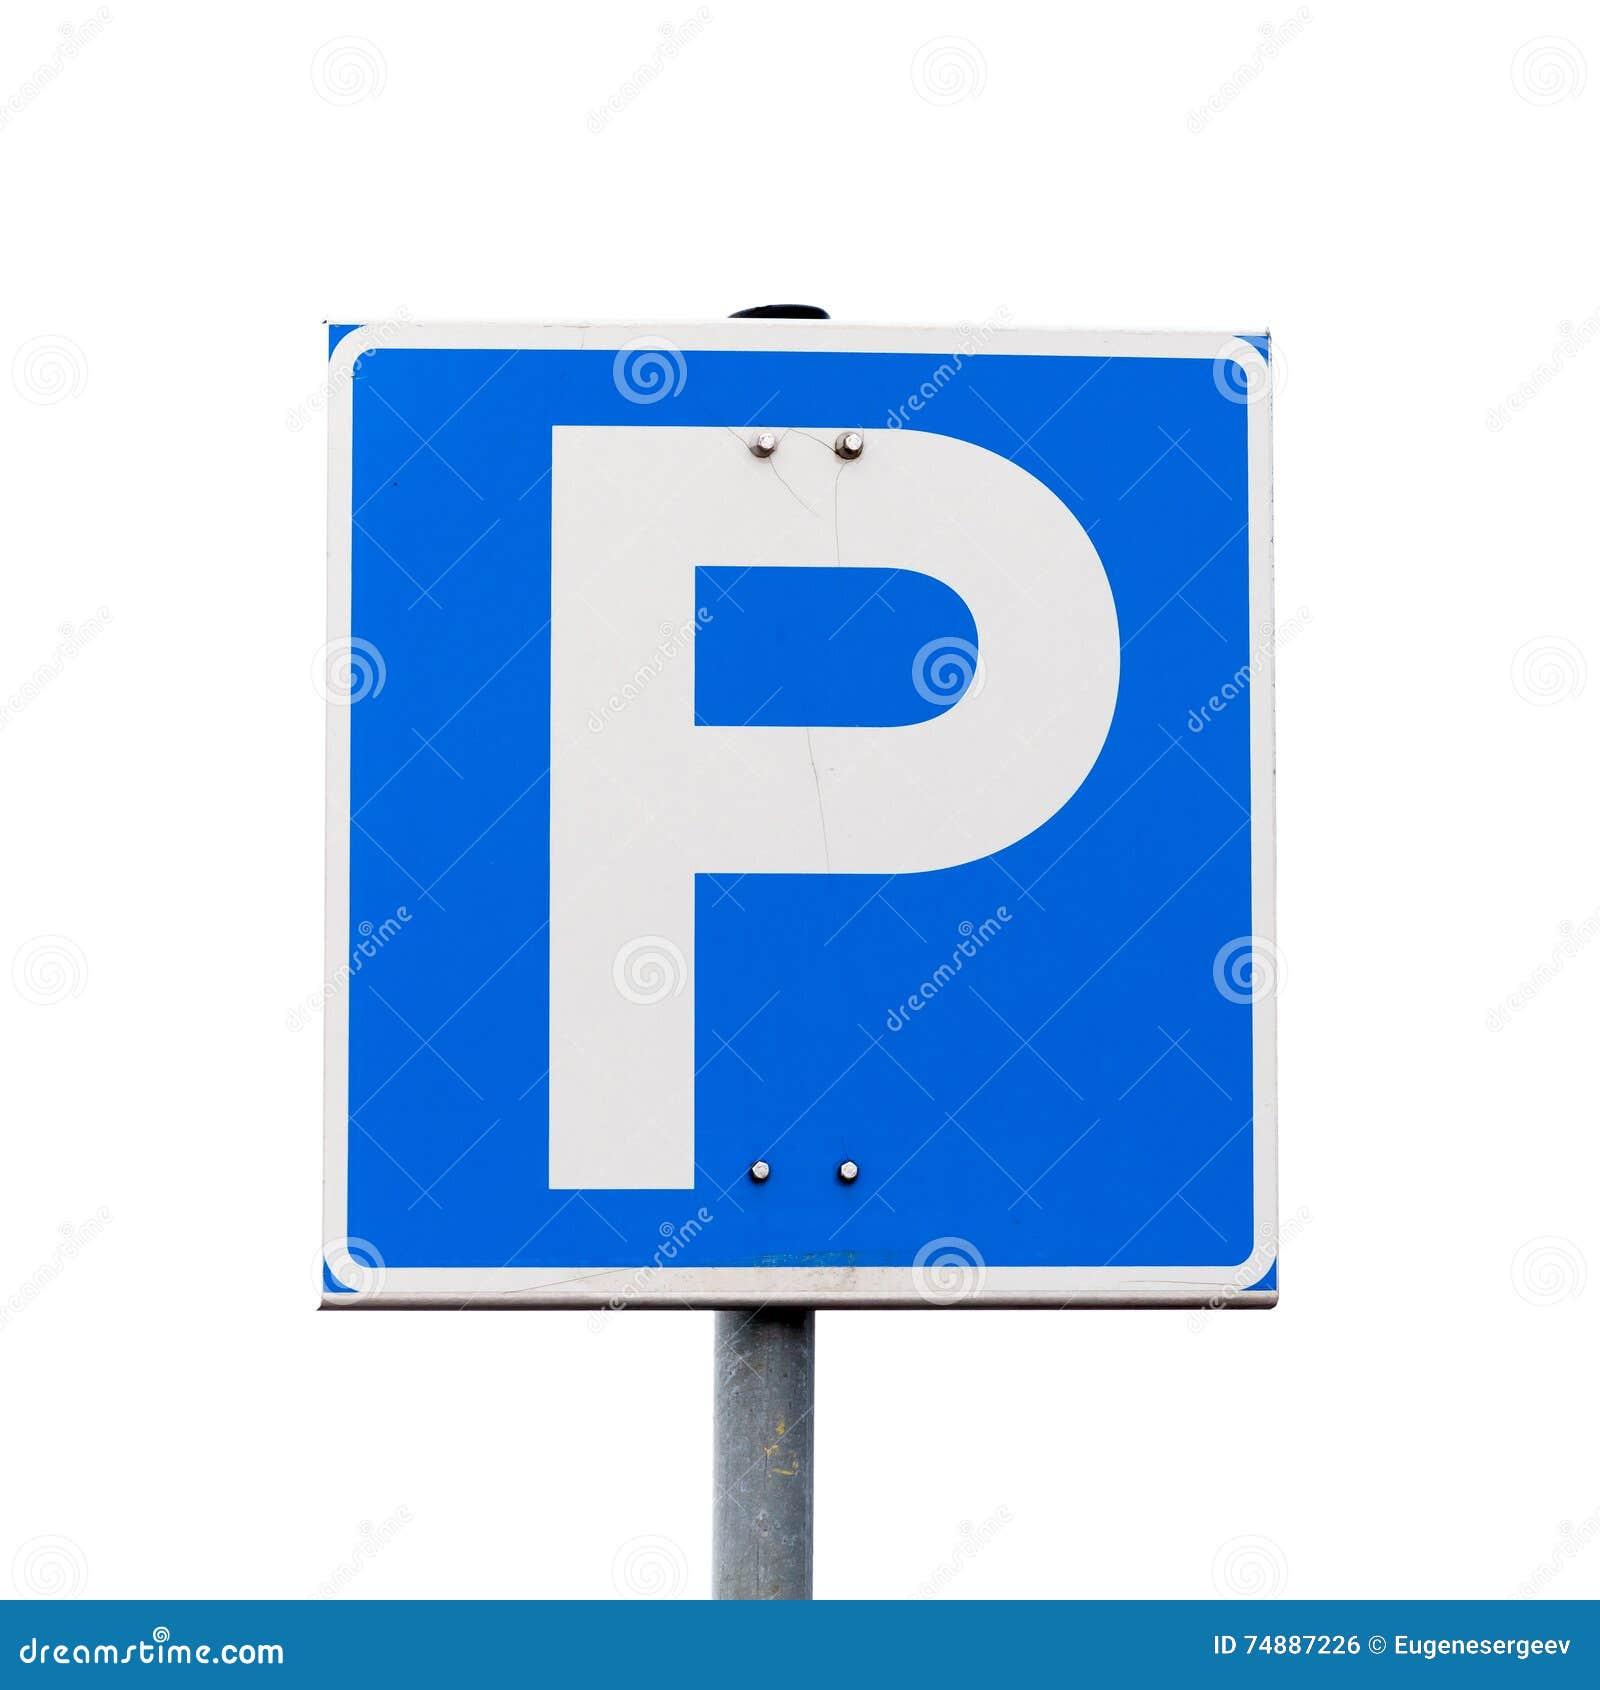 Sinal de estrada quadrado azul do estacionamento isolado no branco